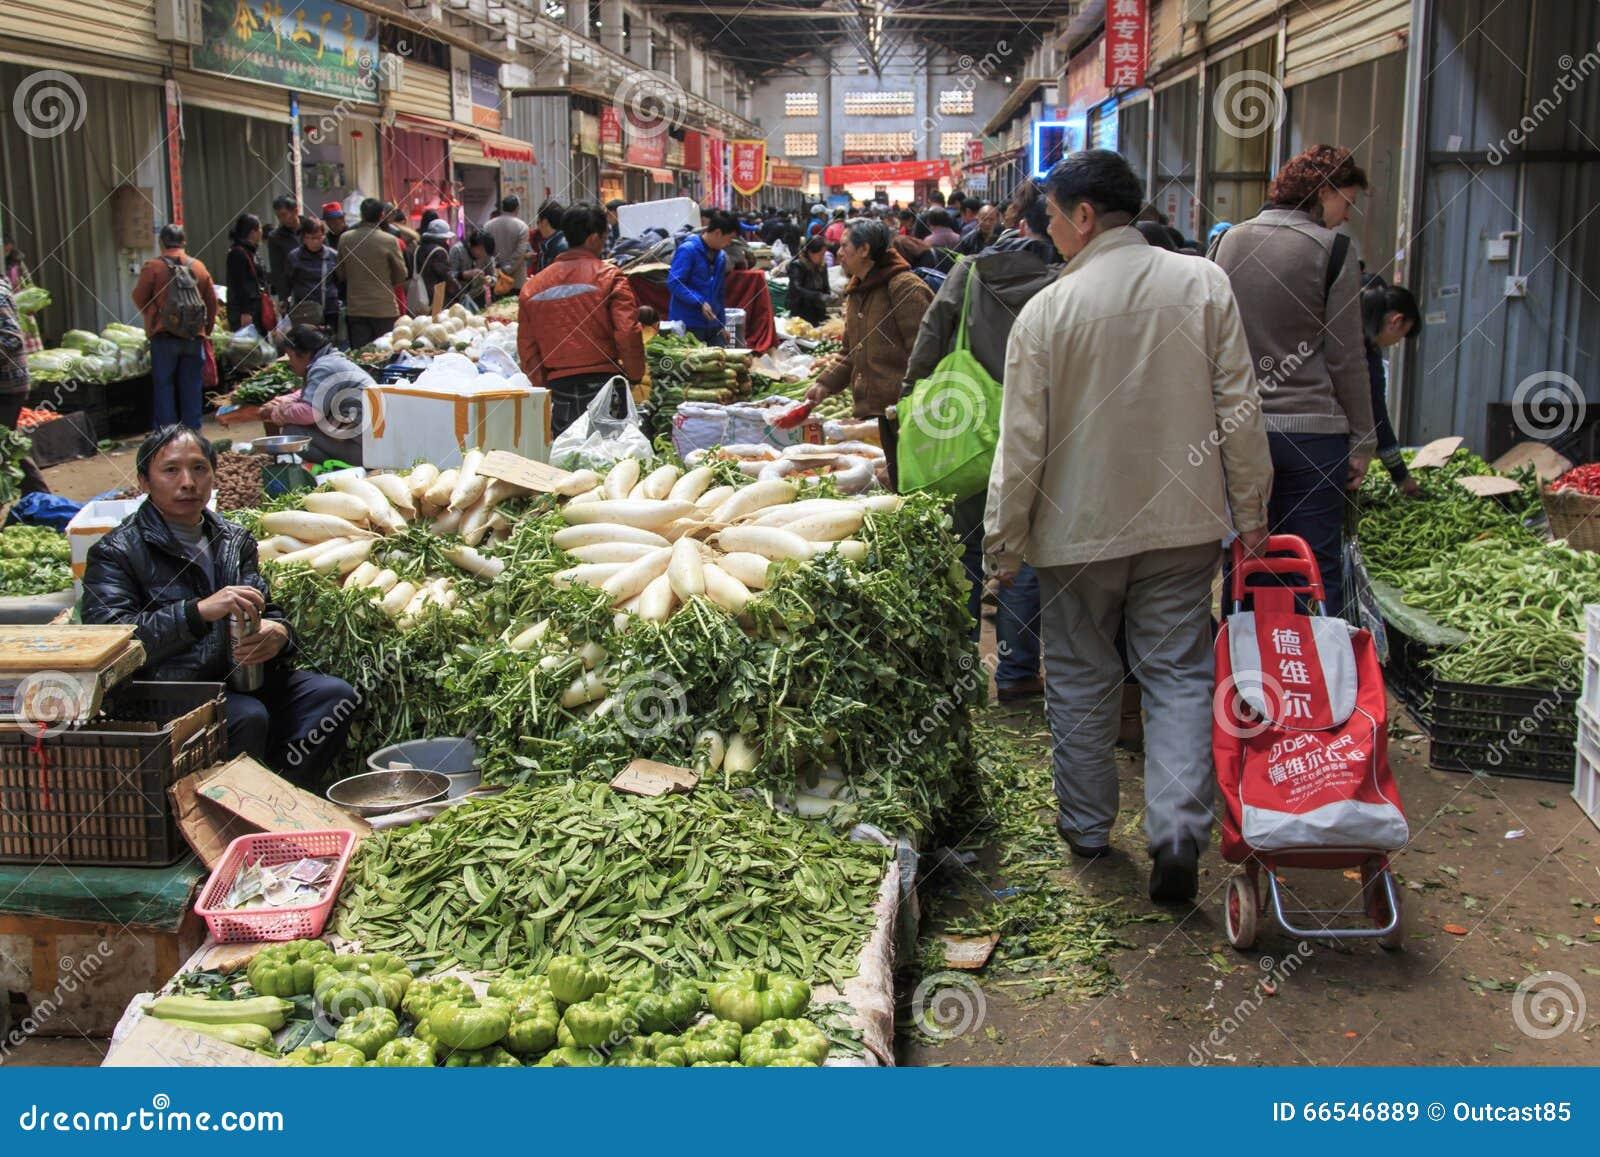 Folk som säljer och köper i en traditionell marknad i mitten av Kunming